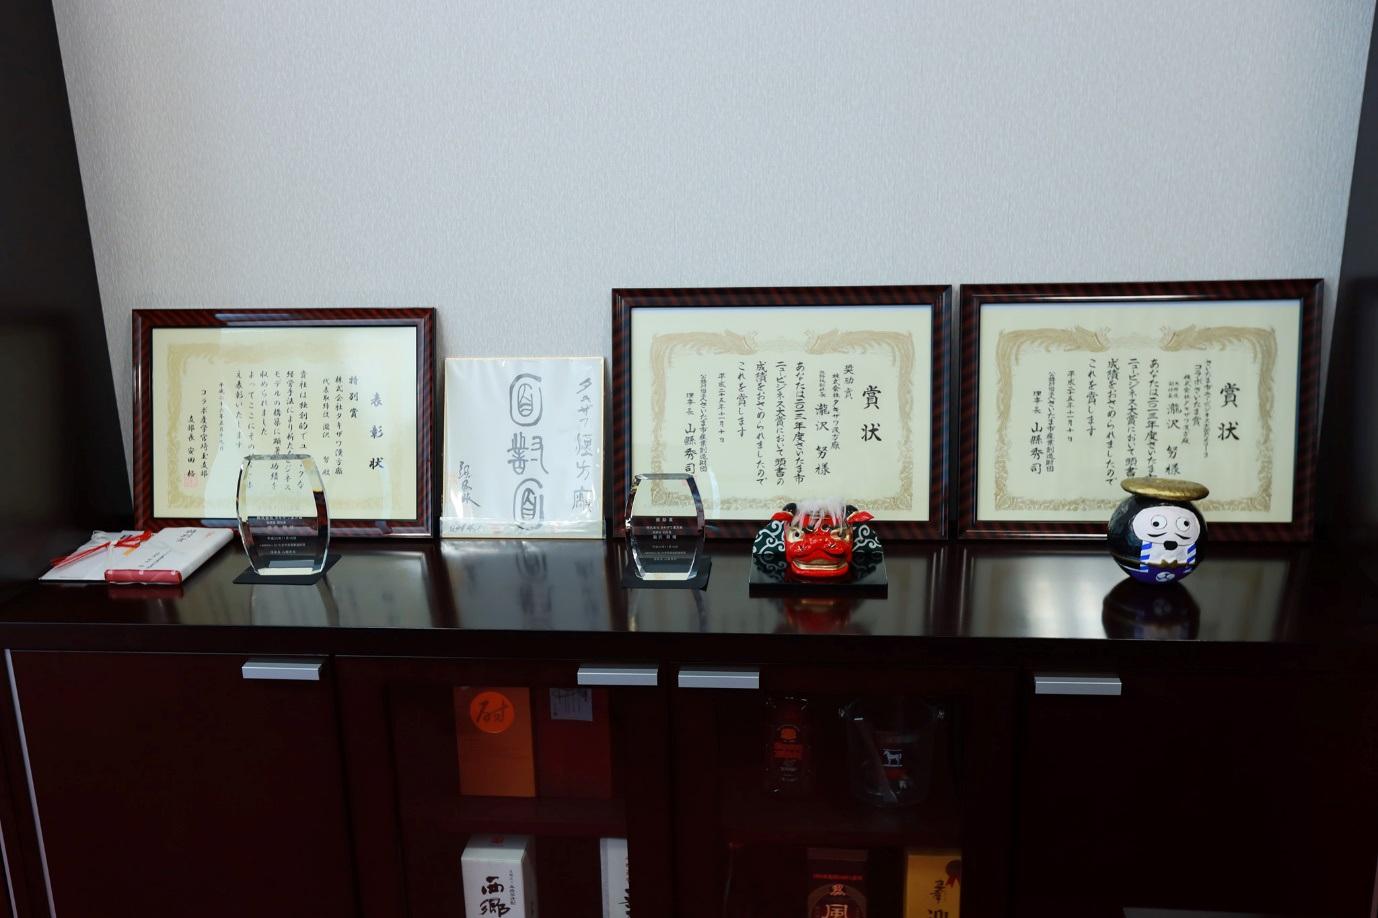 BEHE Việt Nam và Imex ký kết hợp tác độc quyền với tập đoàn Takizawa - 3